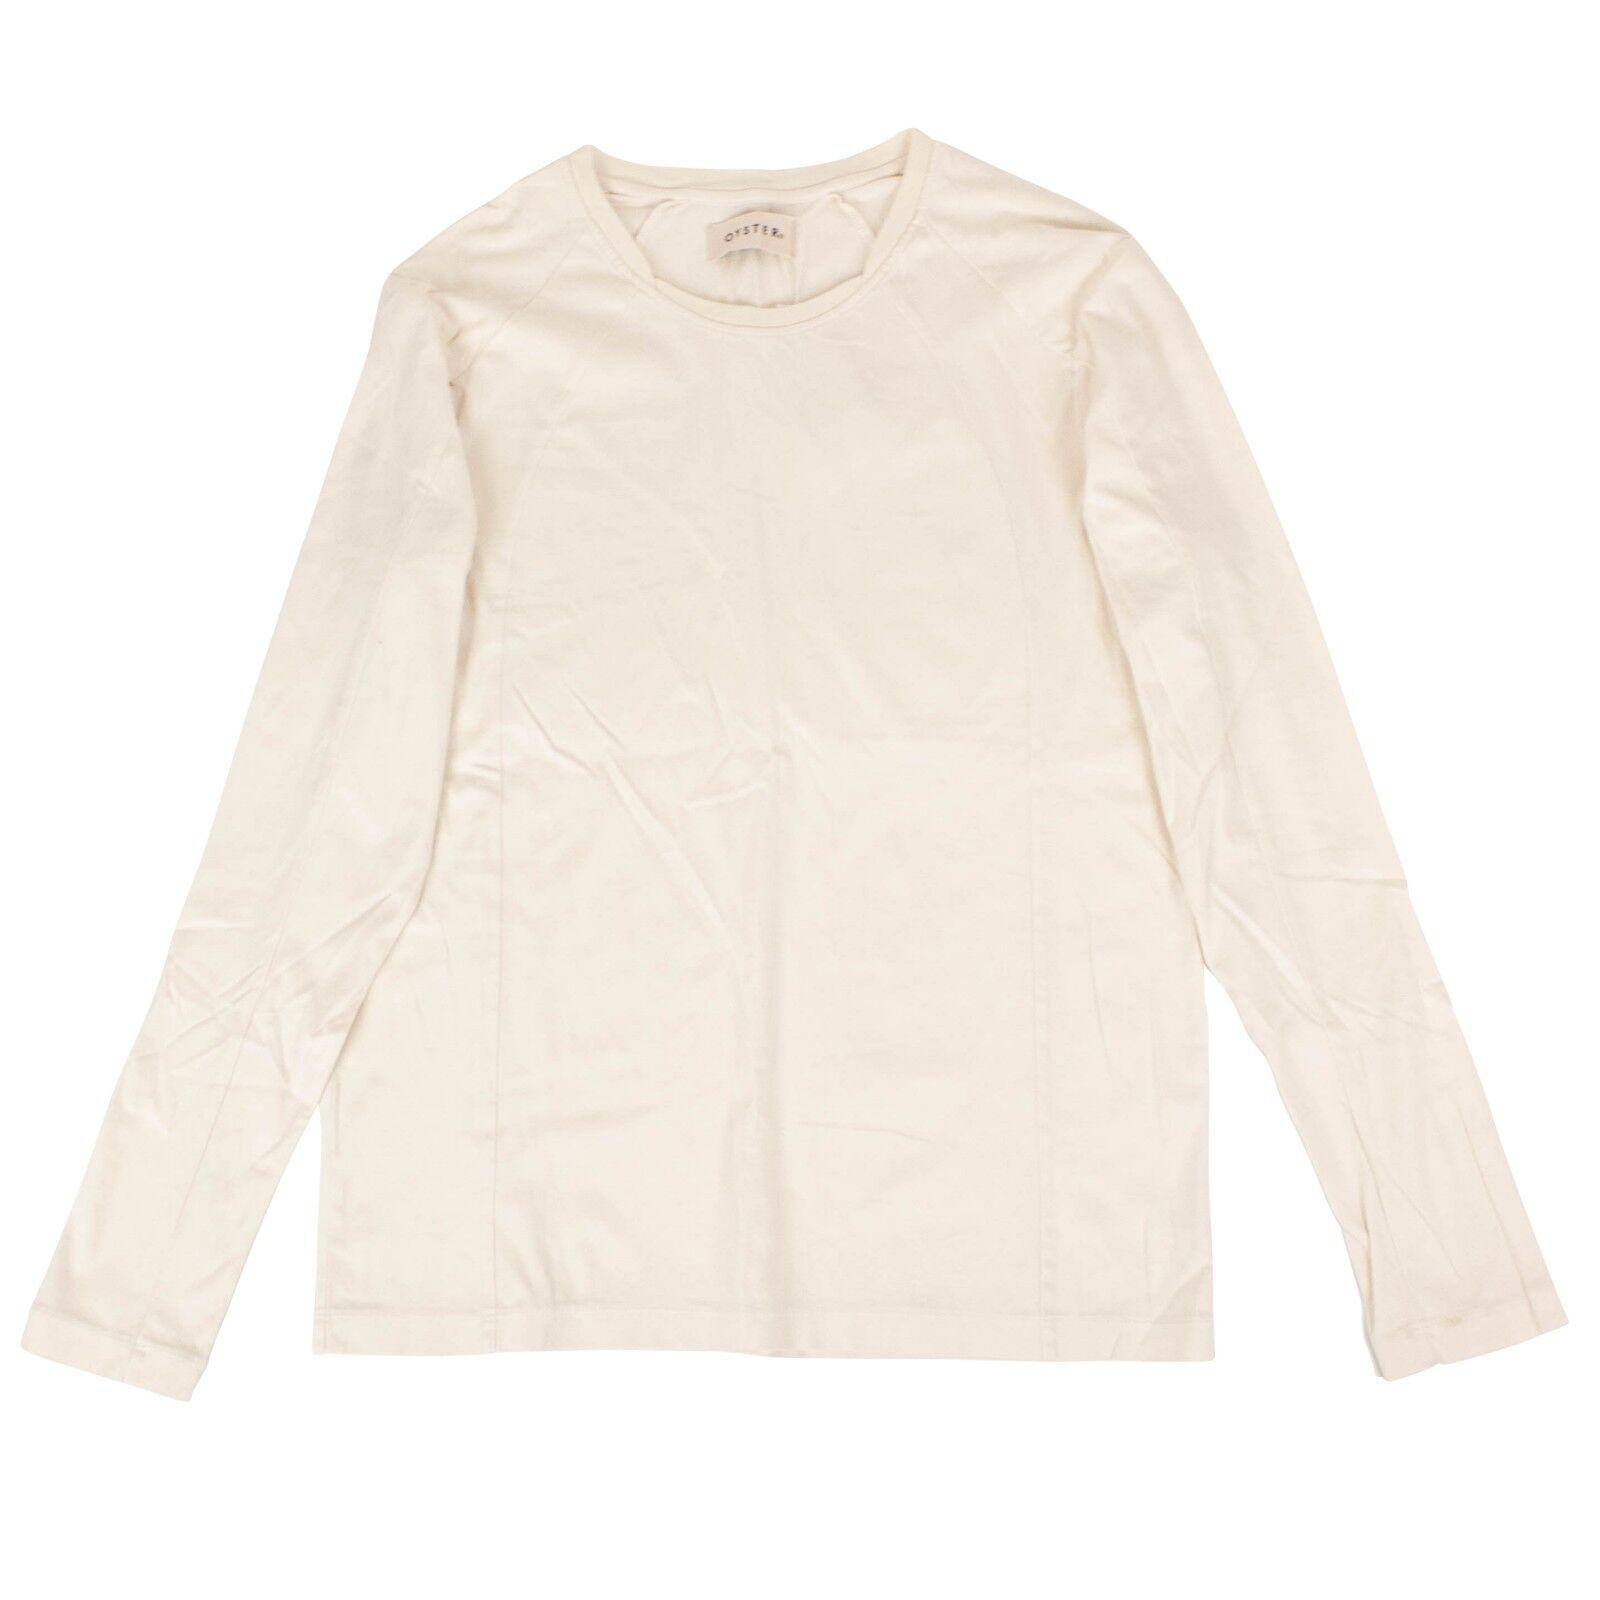 NWT OYSTER HOLDINGS Cloud Weiß BNC Long Sleeve Knit Shirt Größe L 260